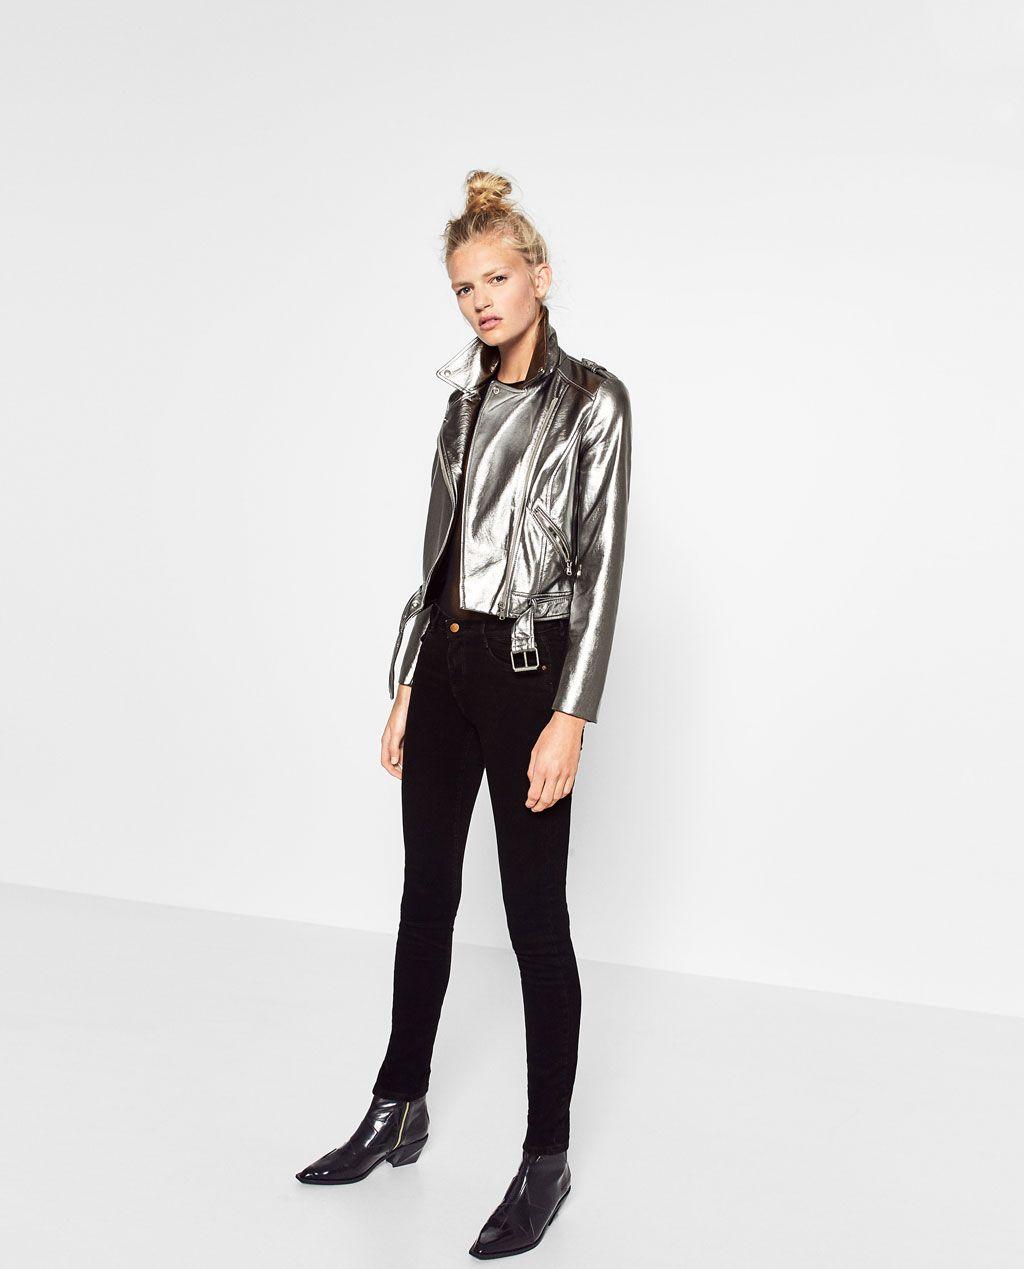 De Metalizada 1 En Imagen Motera Zara 2019 Cazadora rxBeCdo